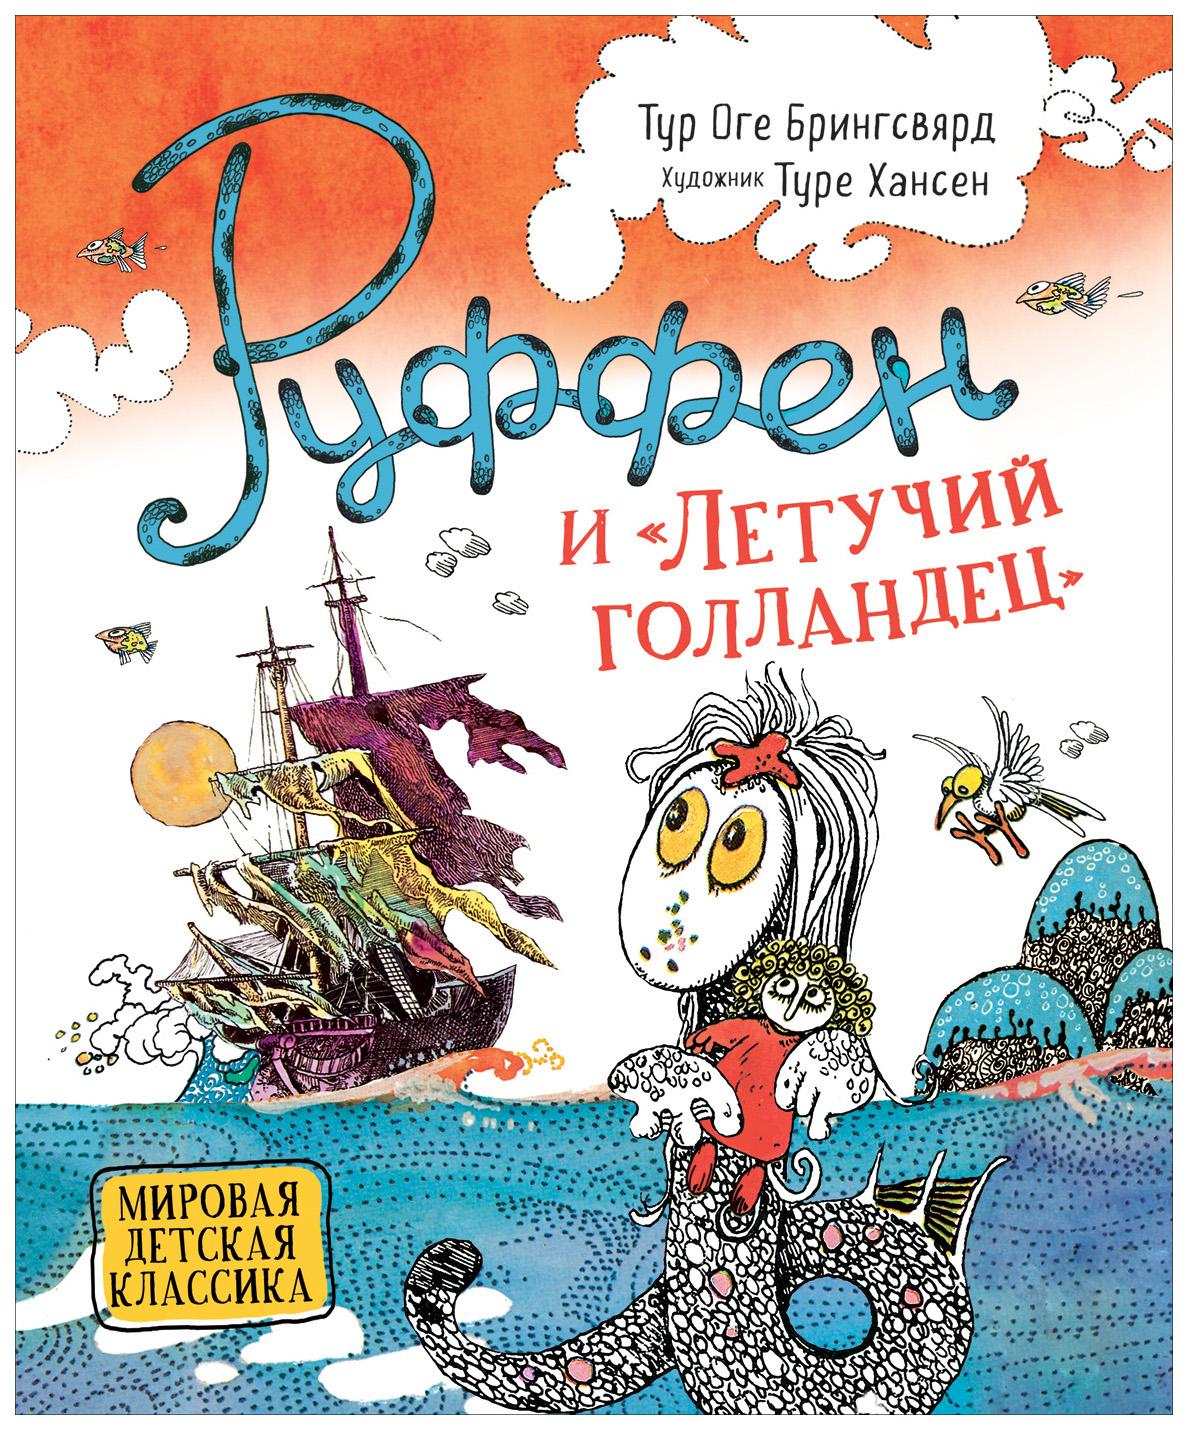 Купить Книга Росмэн Руффен и Летучий голландец, Сказки